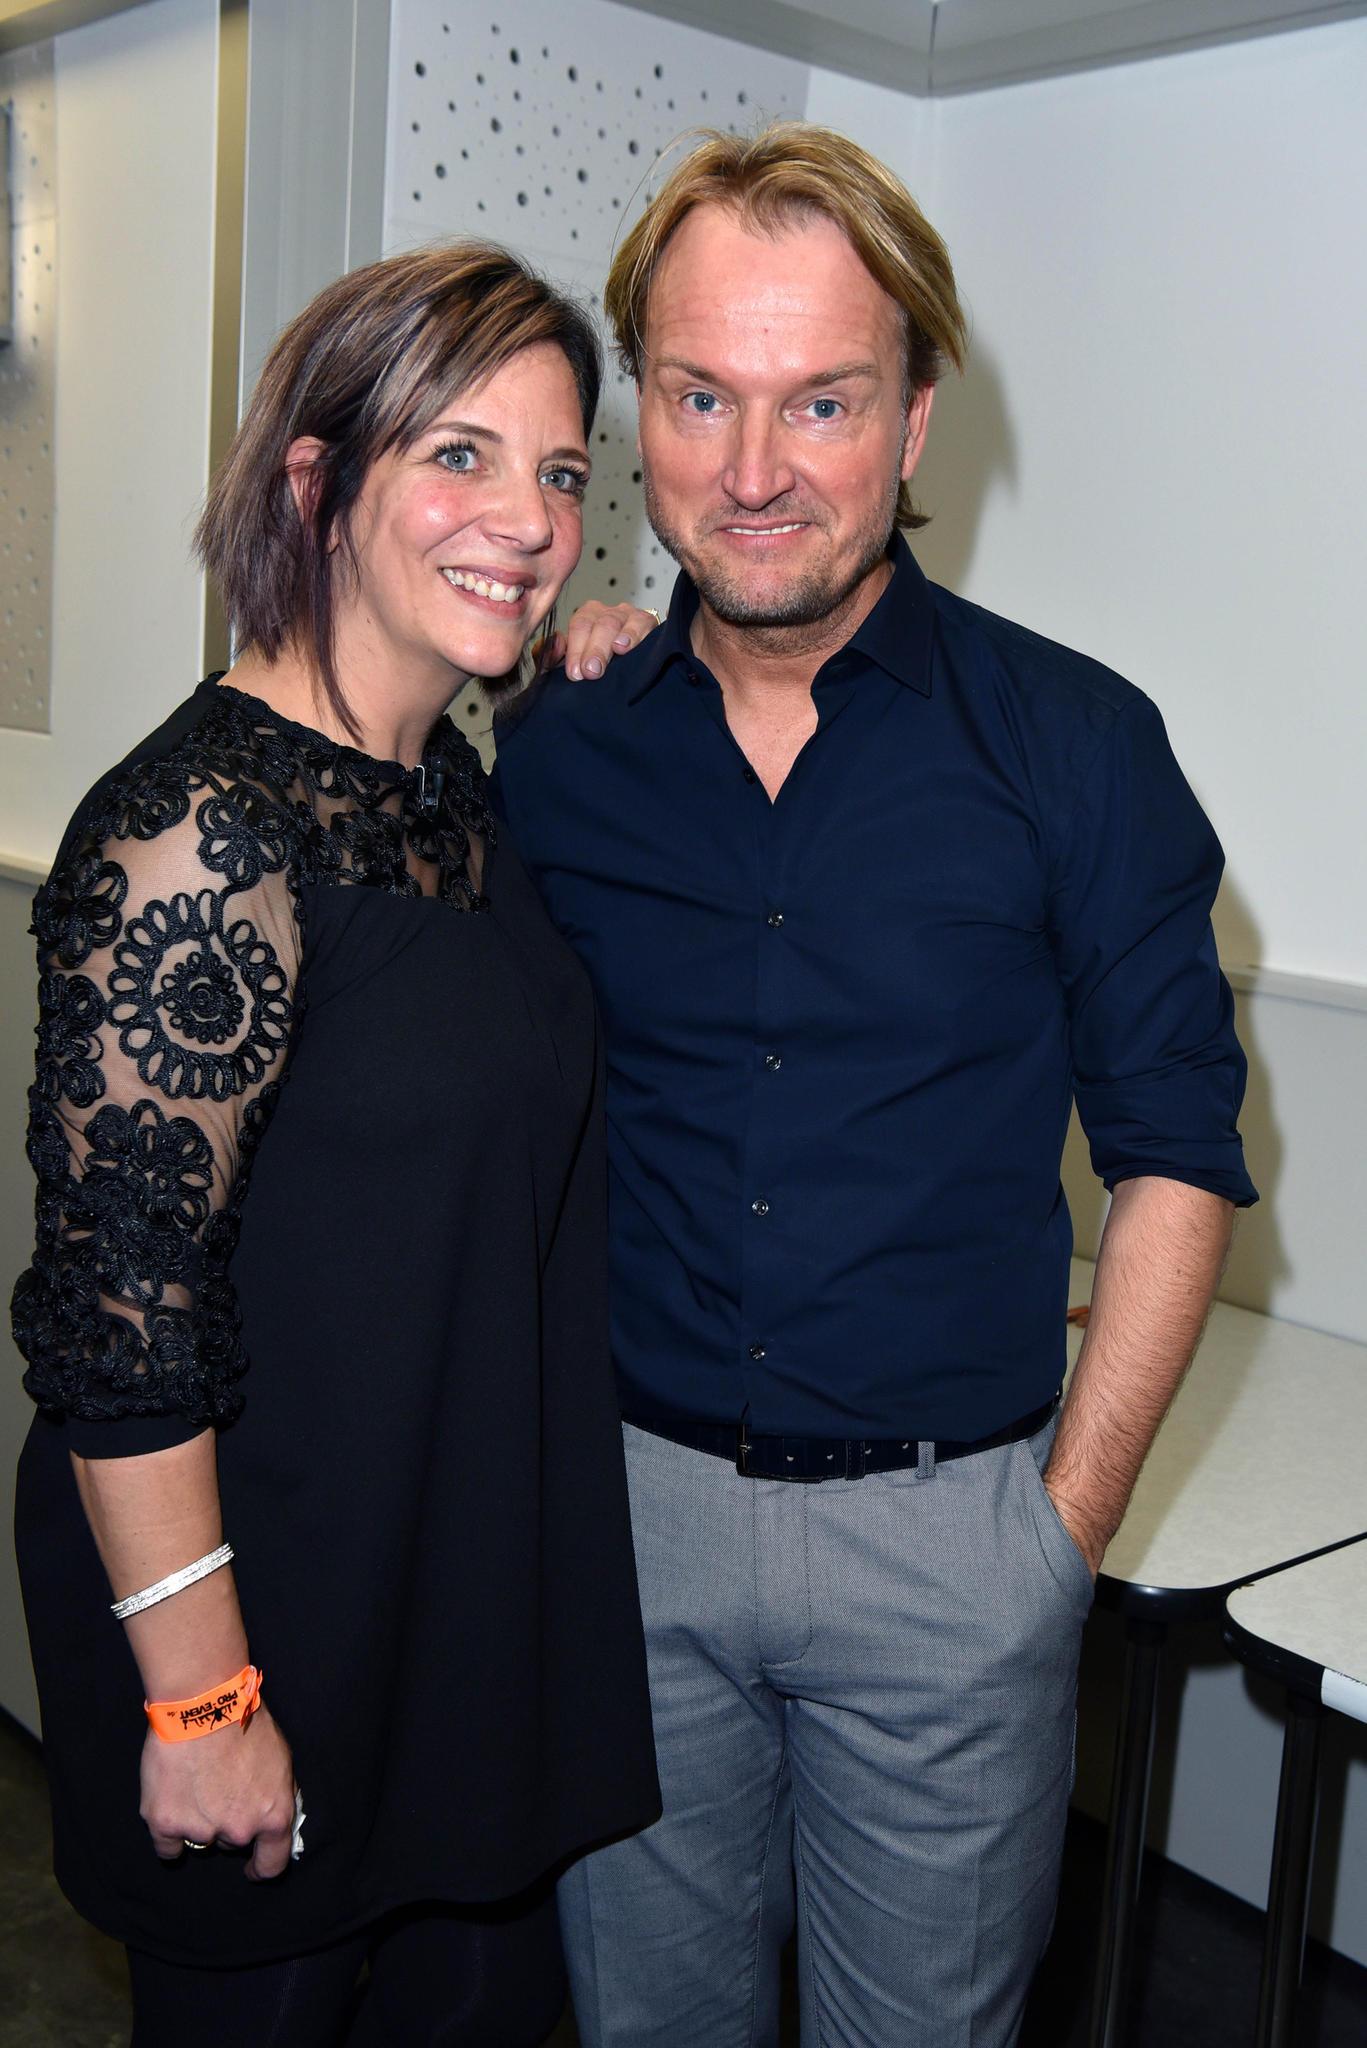 Jens Büchners Witwe Daniela Büchner und Event-Veranstalter Markus Krampe